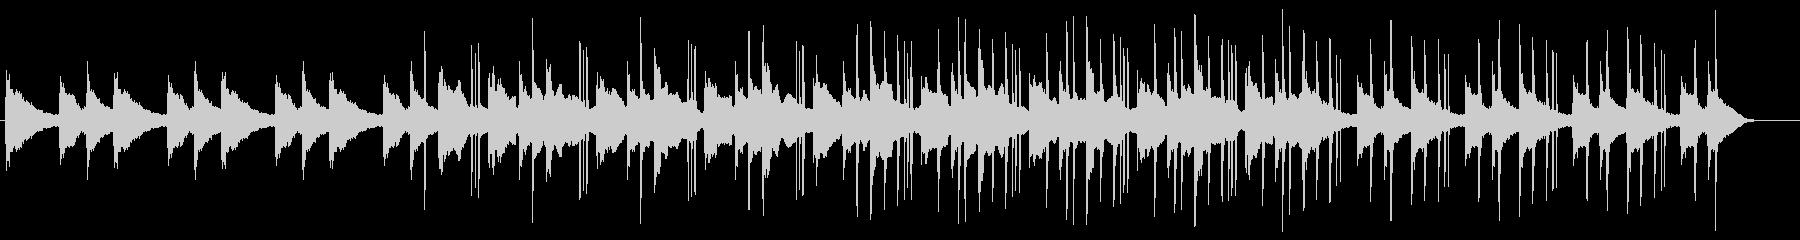 静かなピアノのローファイヒップホップの未再生の波形